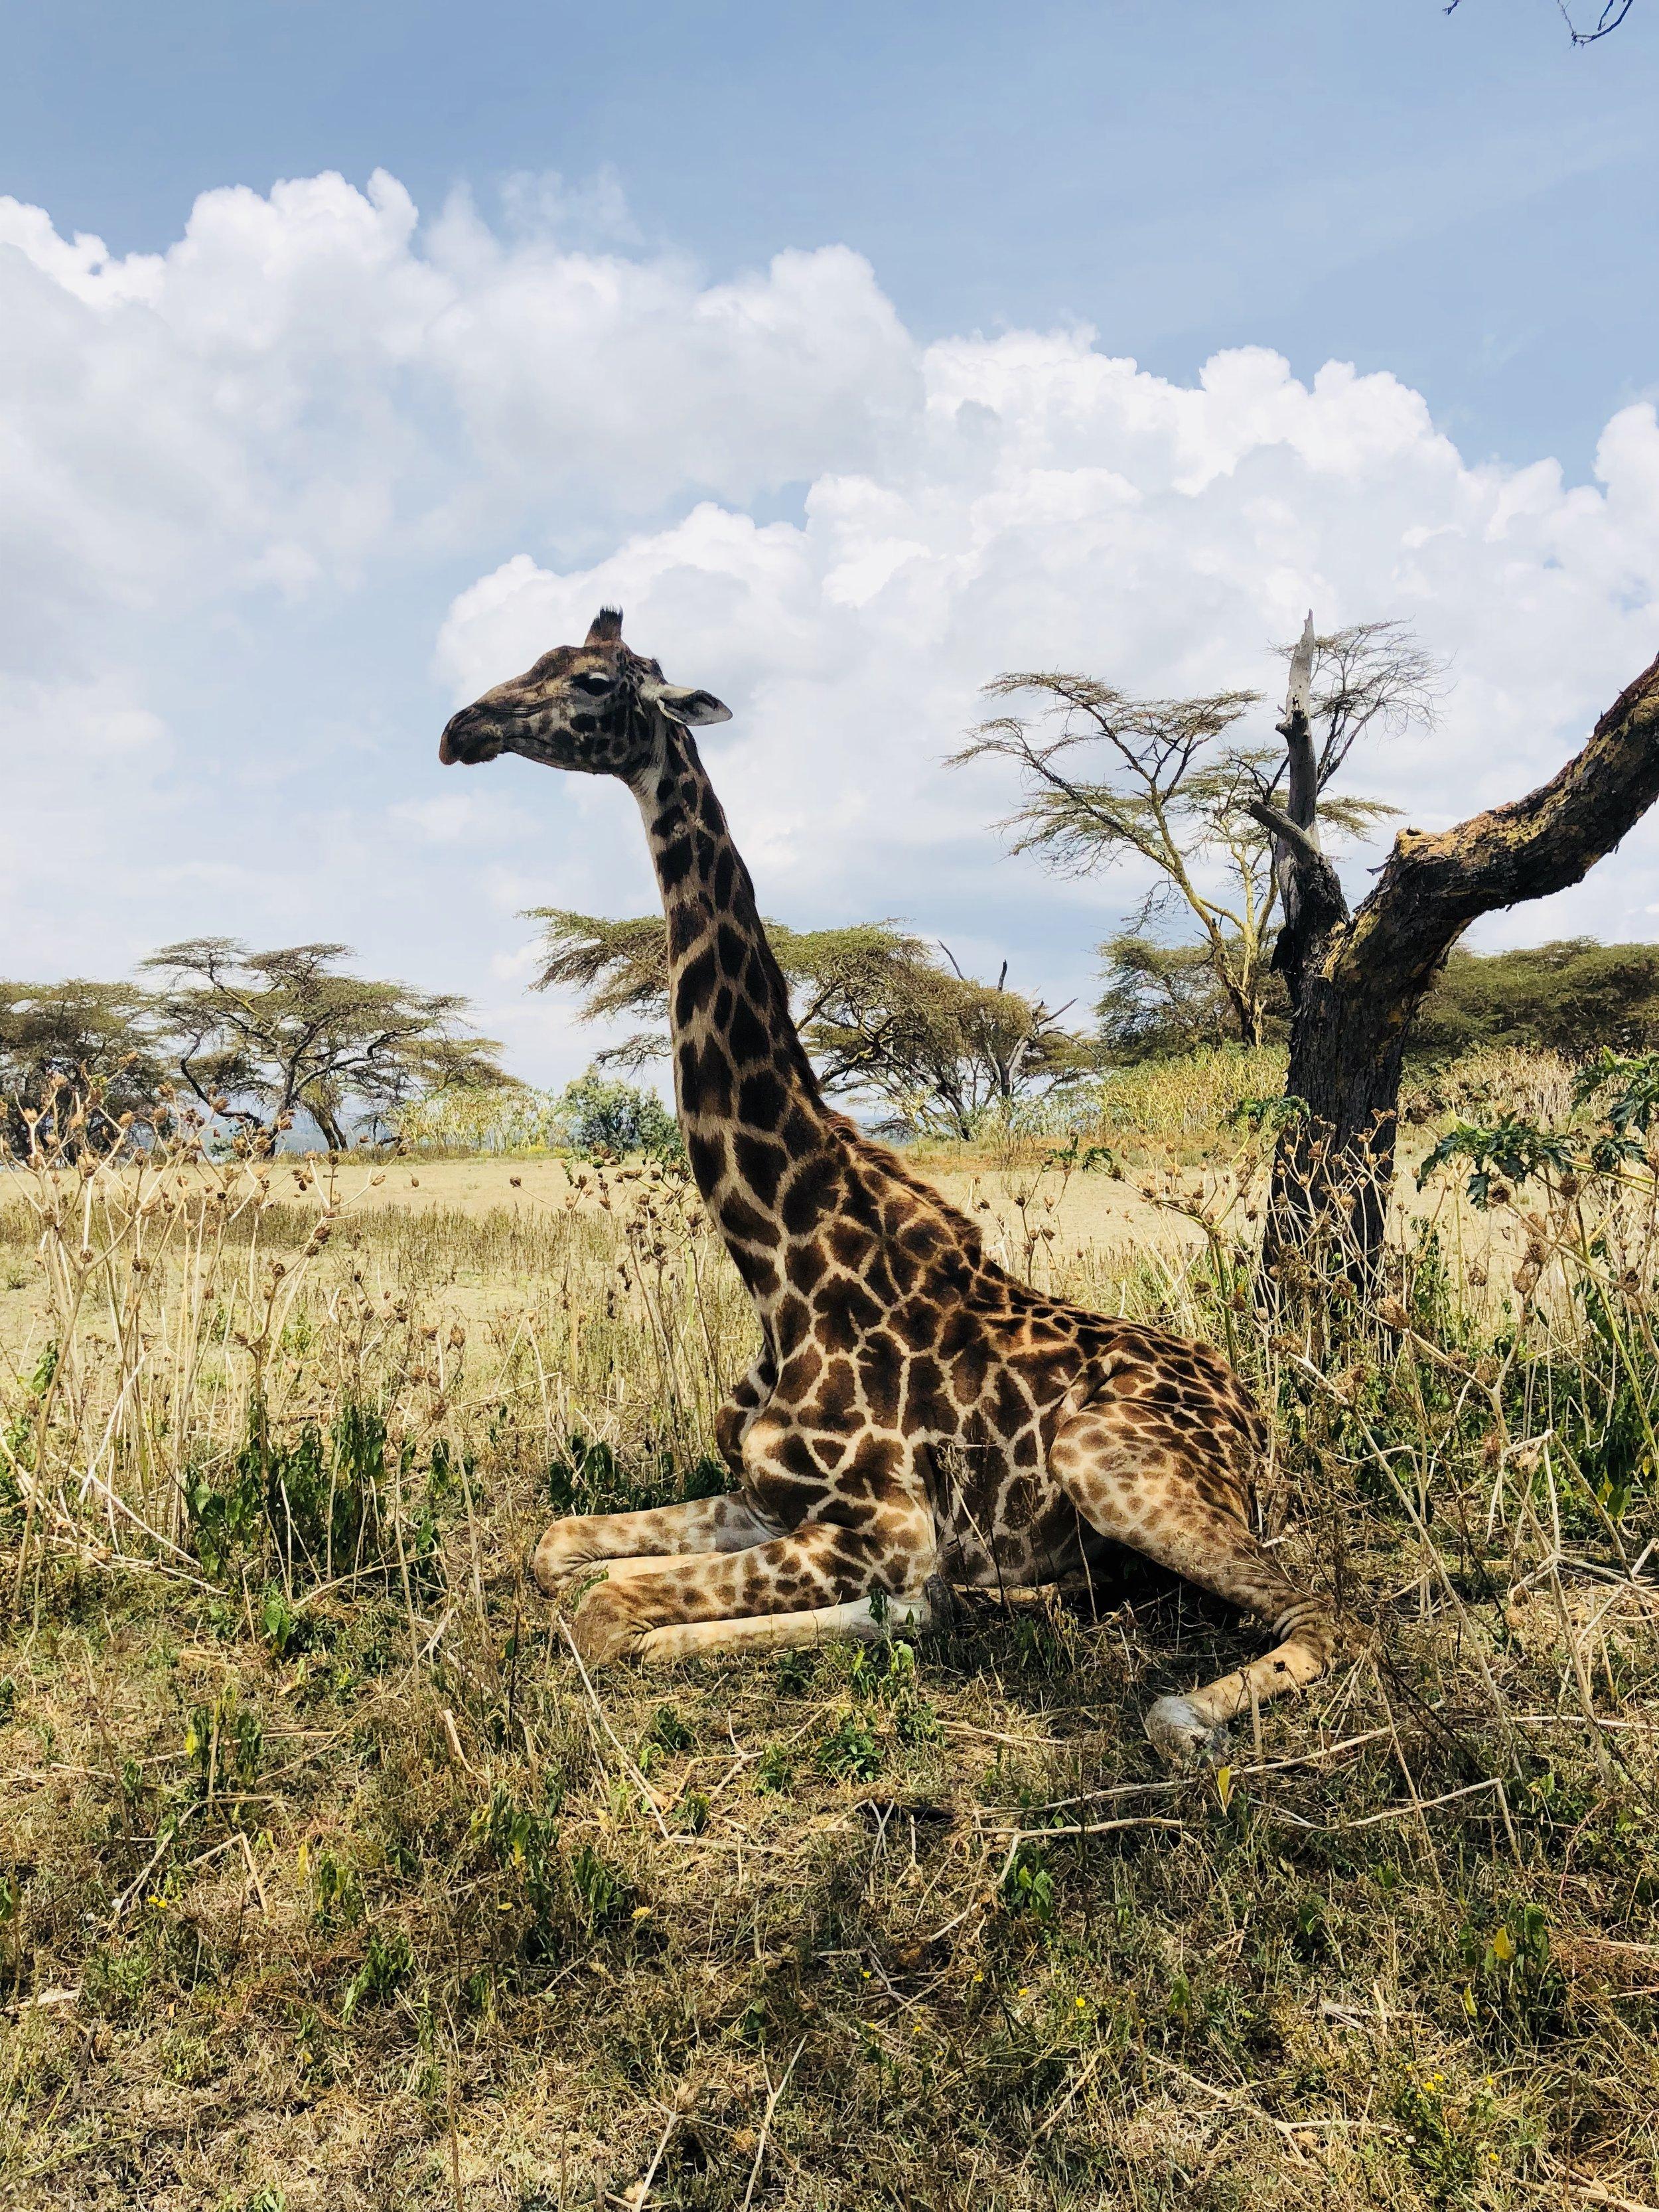 Giraffe at Rest, Crescent Island, Lake Naivasha